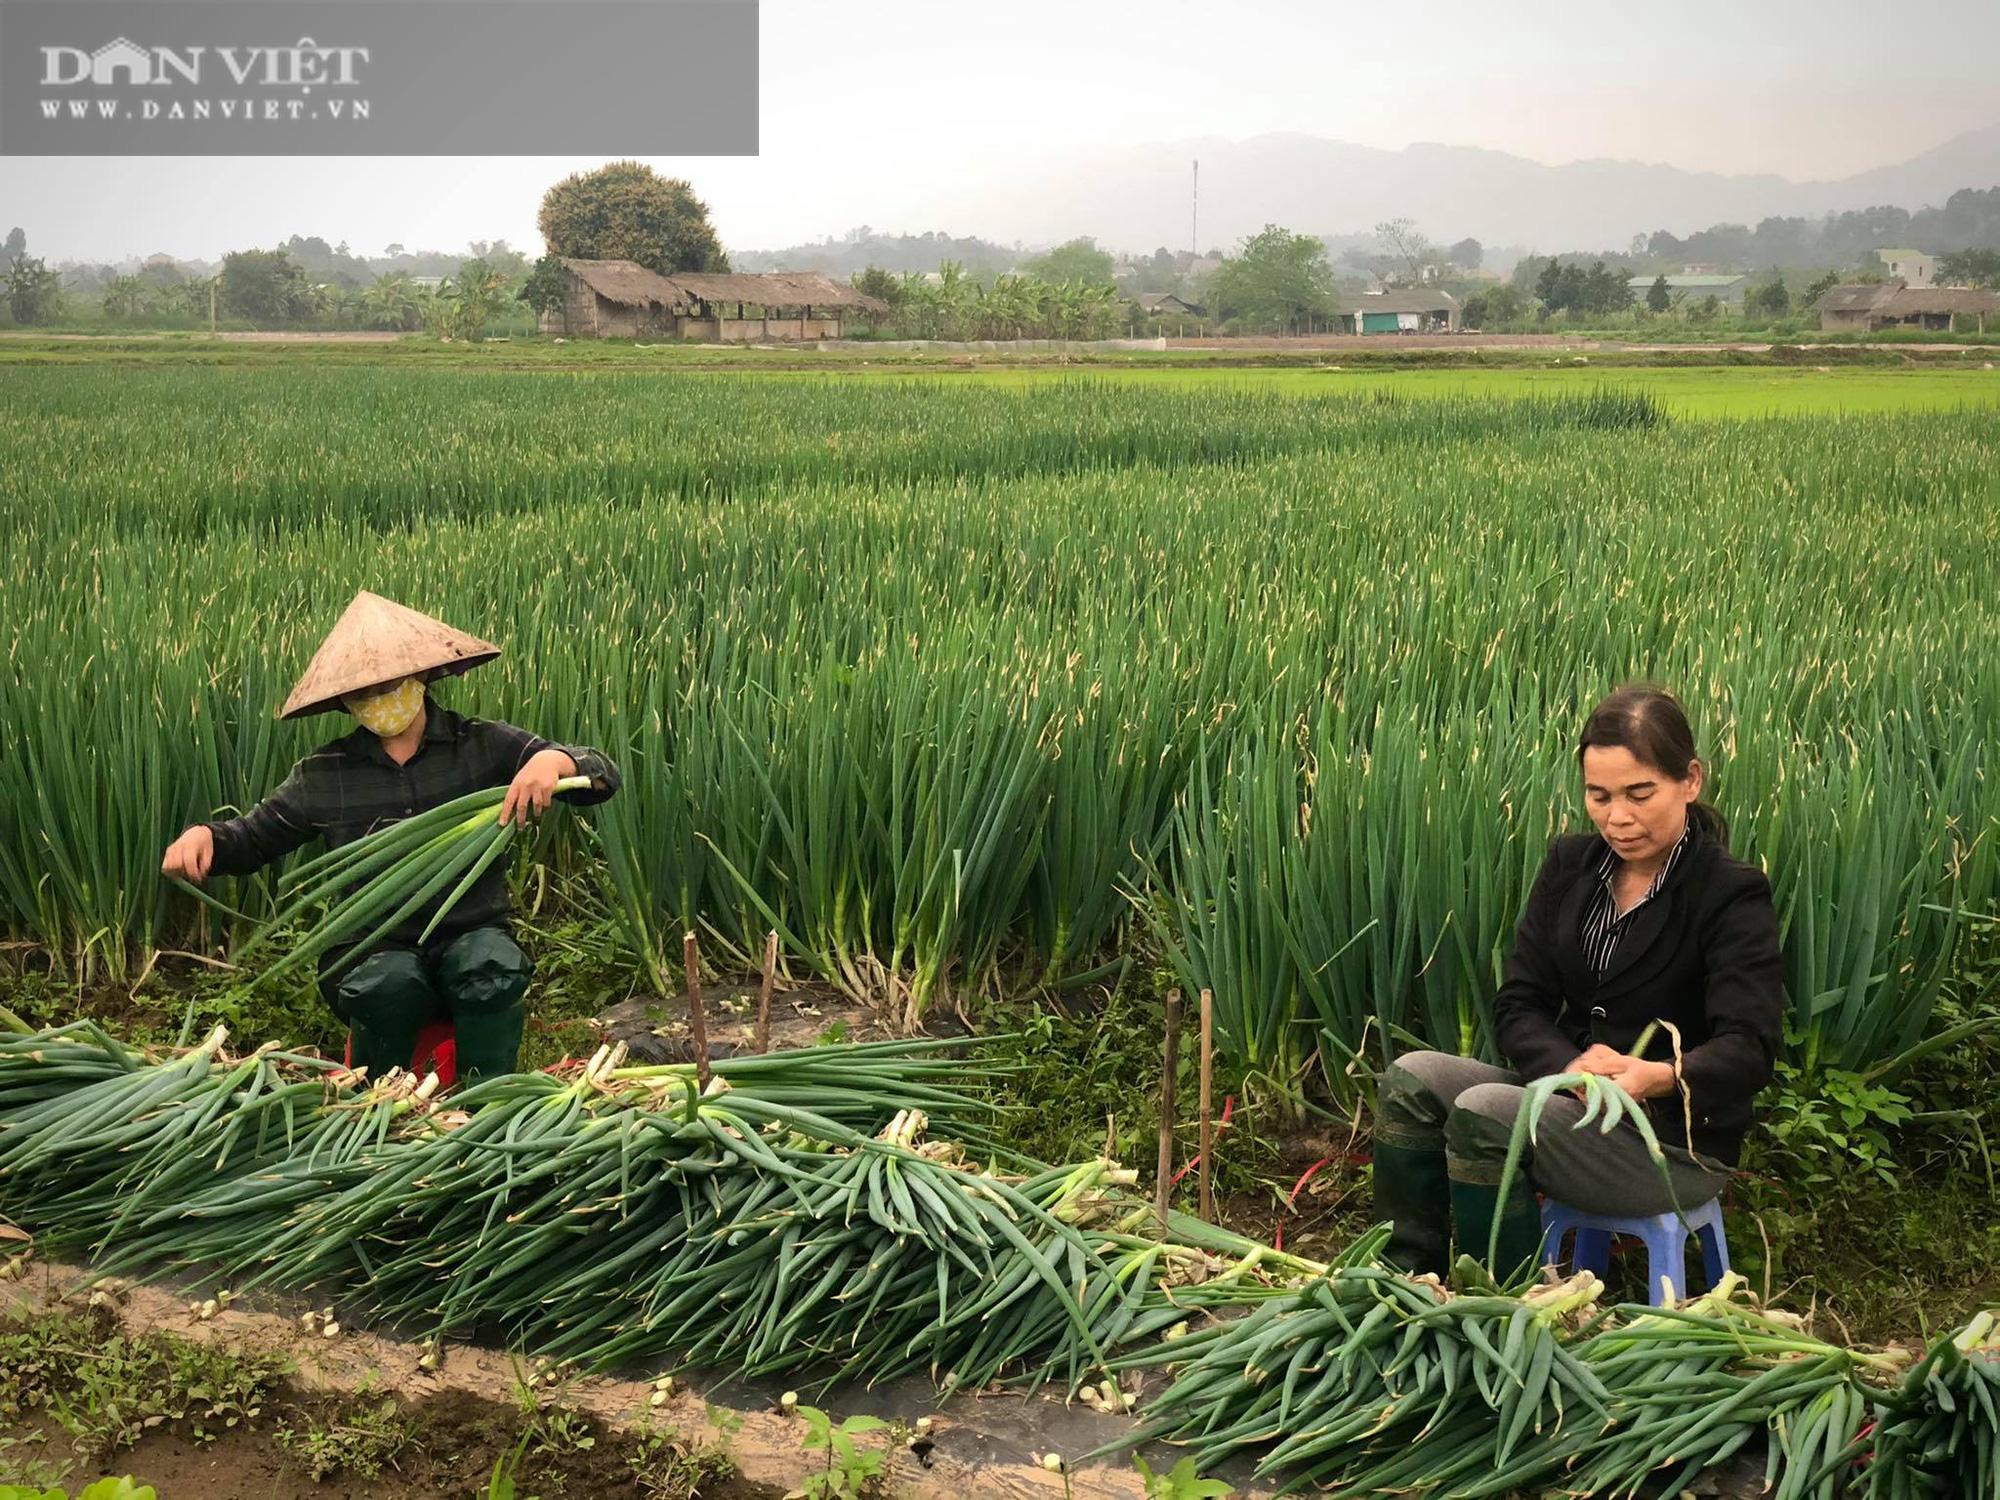 Phú Thọ: Được doanh nghiệp giải cứu, người trồng hành phấn khởi ra đồng thu hoạch mặc gió lạnh - Ảnh 3.